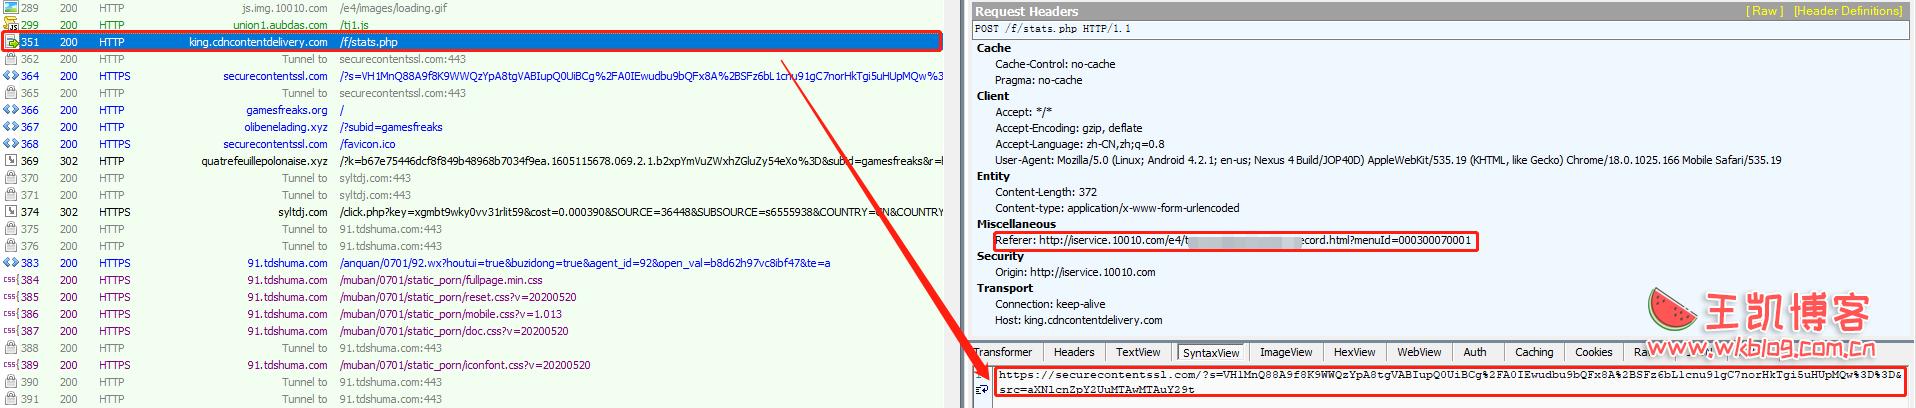 联通官网携带木马脚本 可向用户推广色情APP